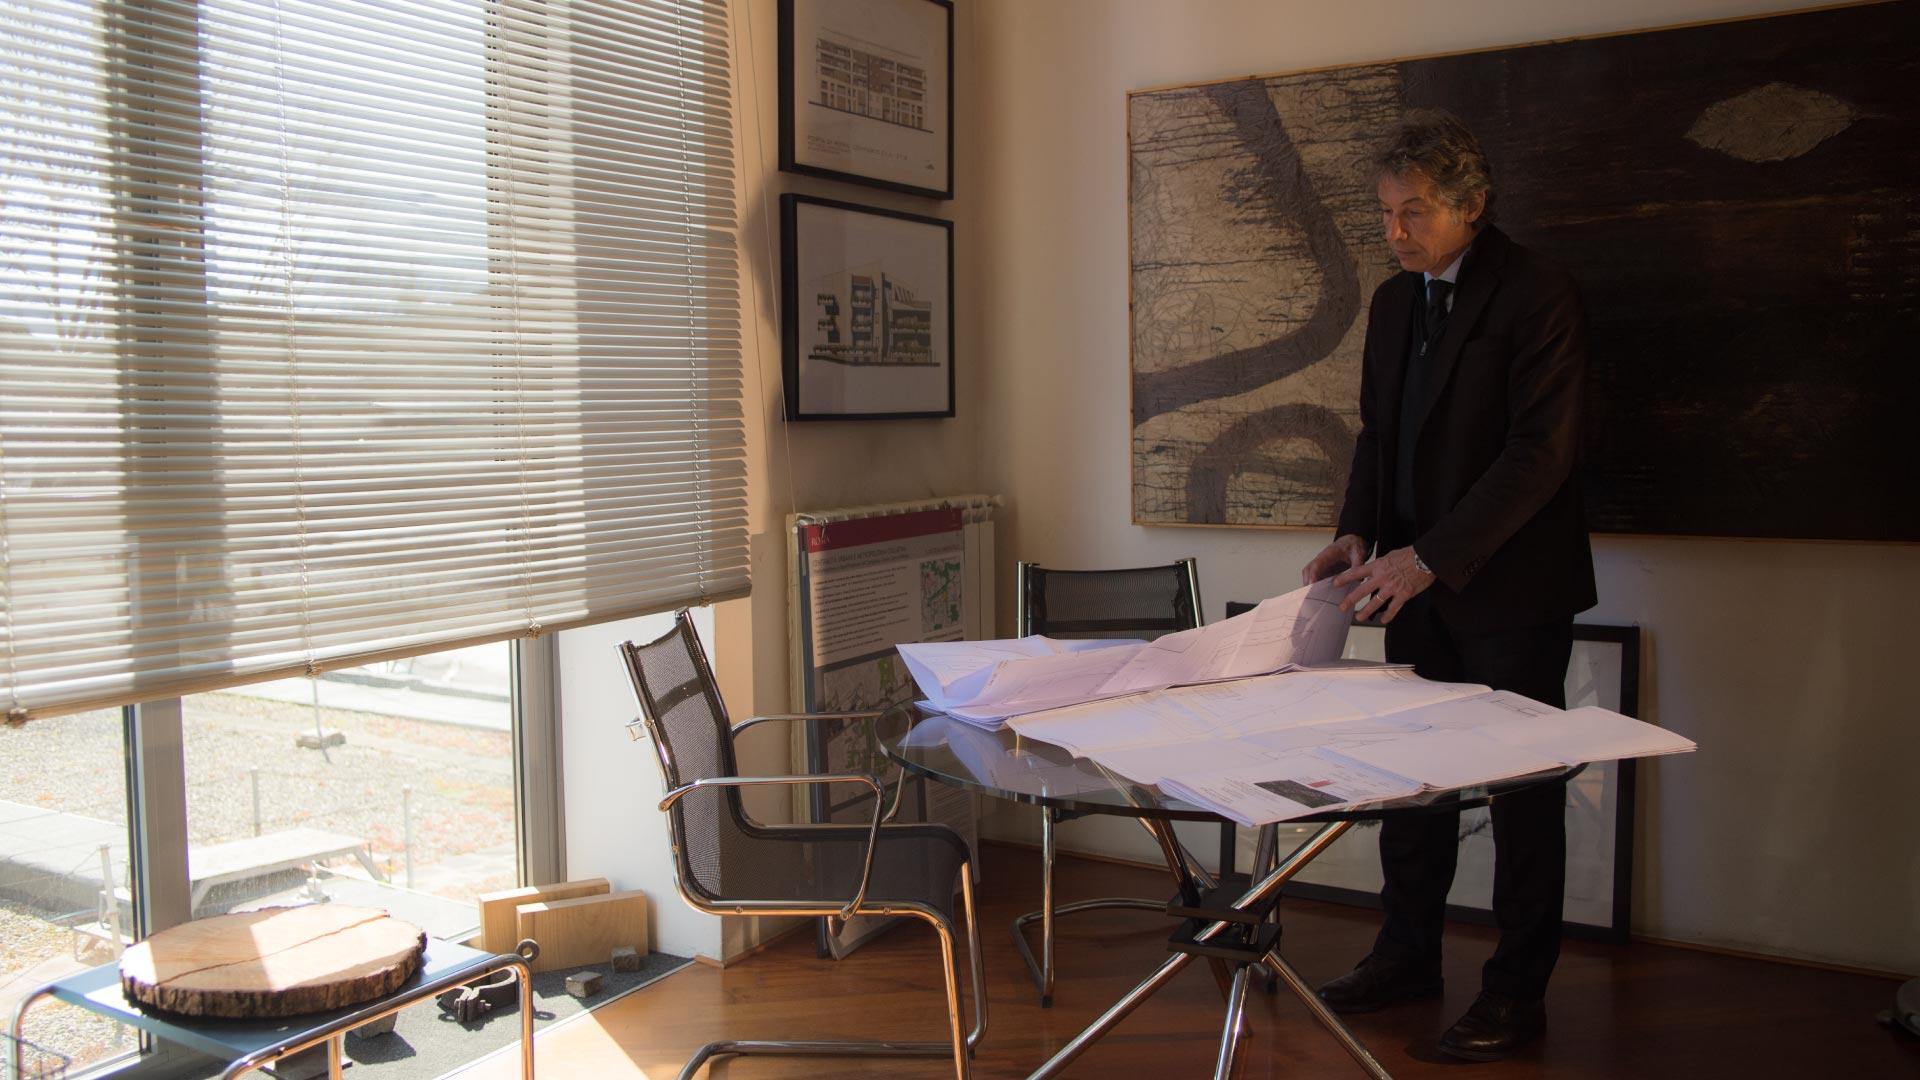 Roberto Santori candidato al Consiglio dell'Ordine degli Architetti di Roma